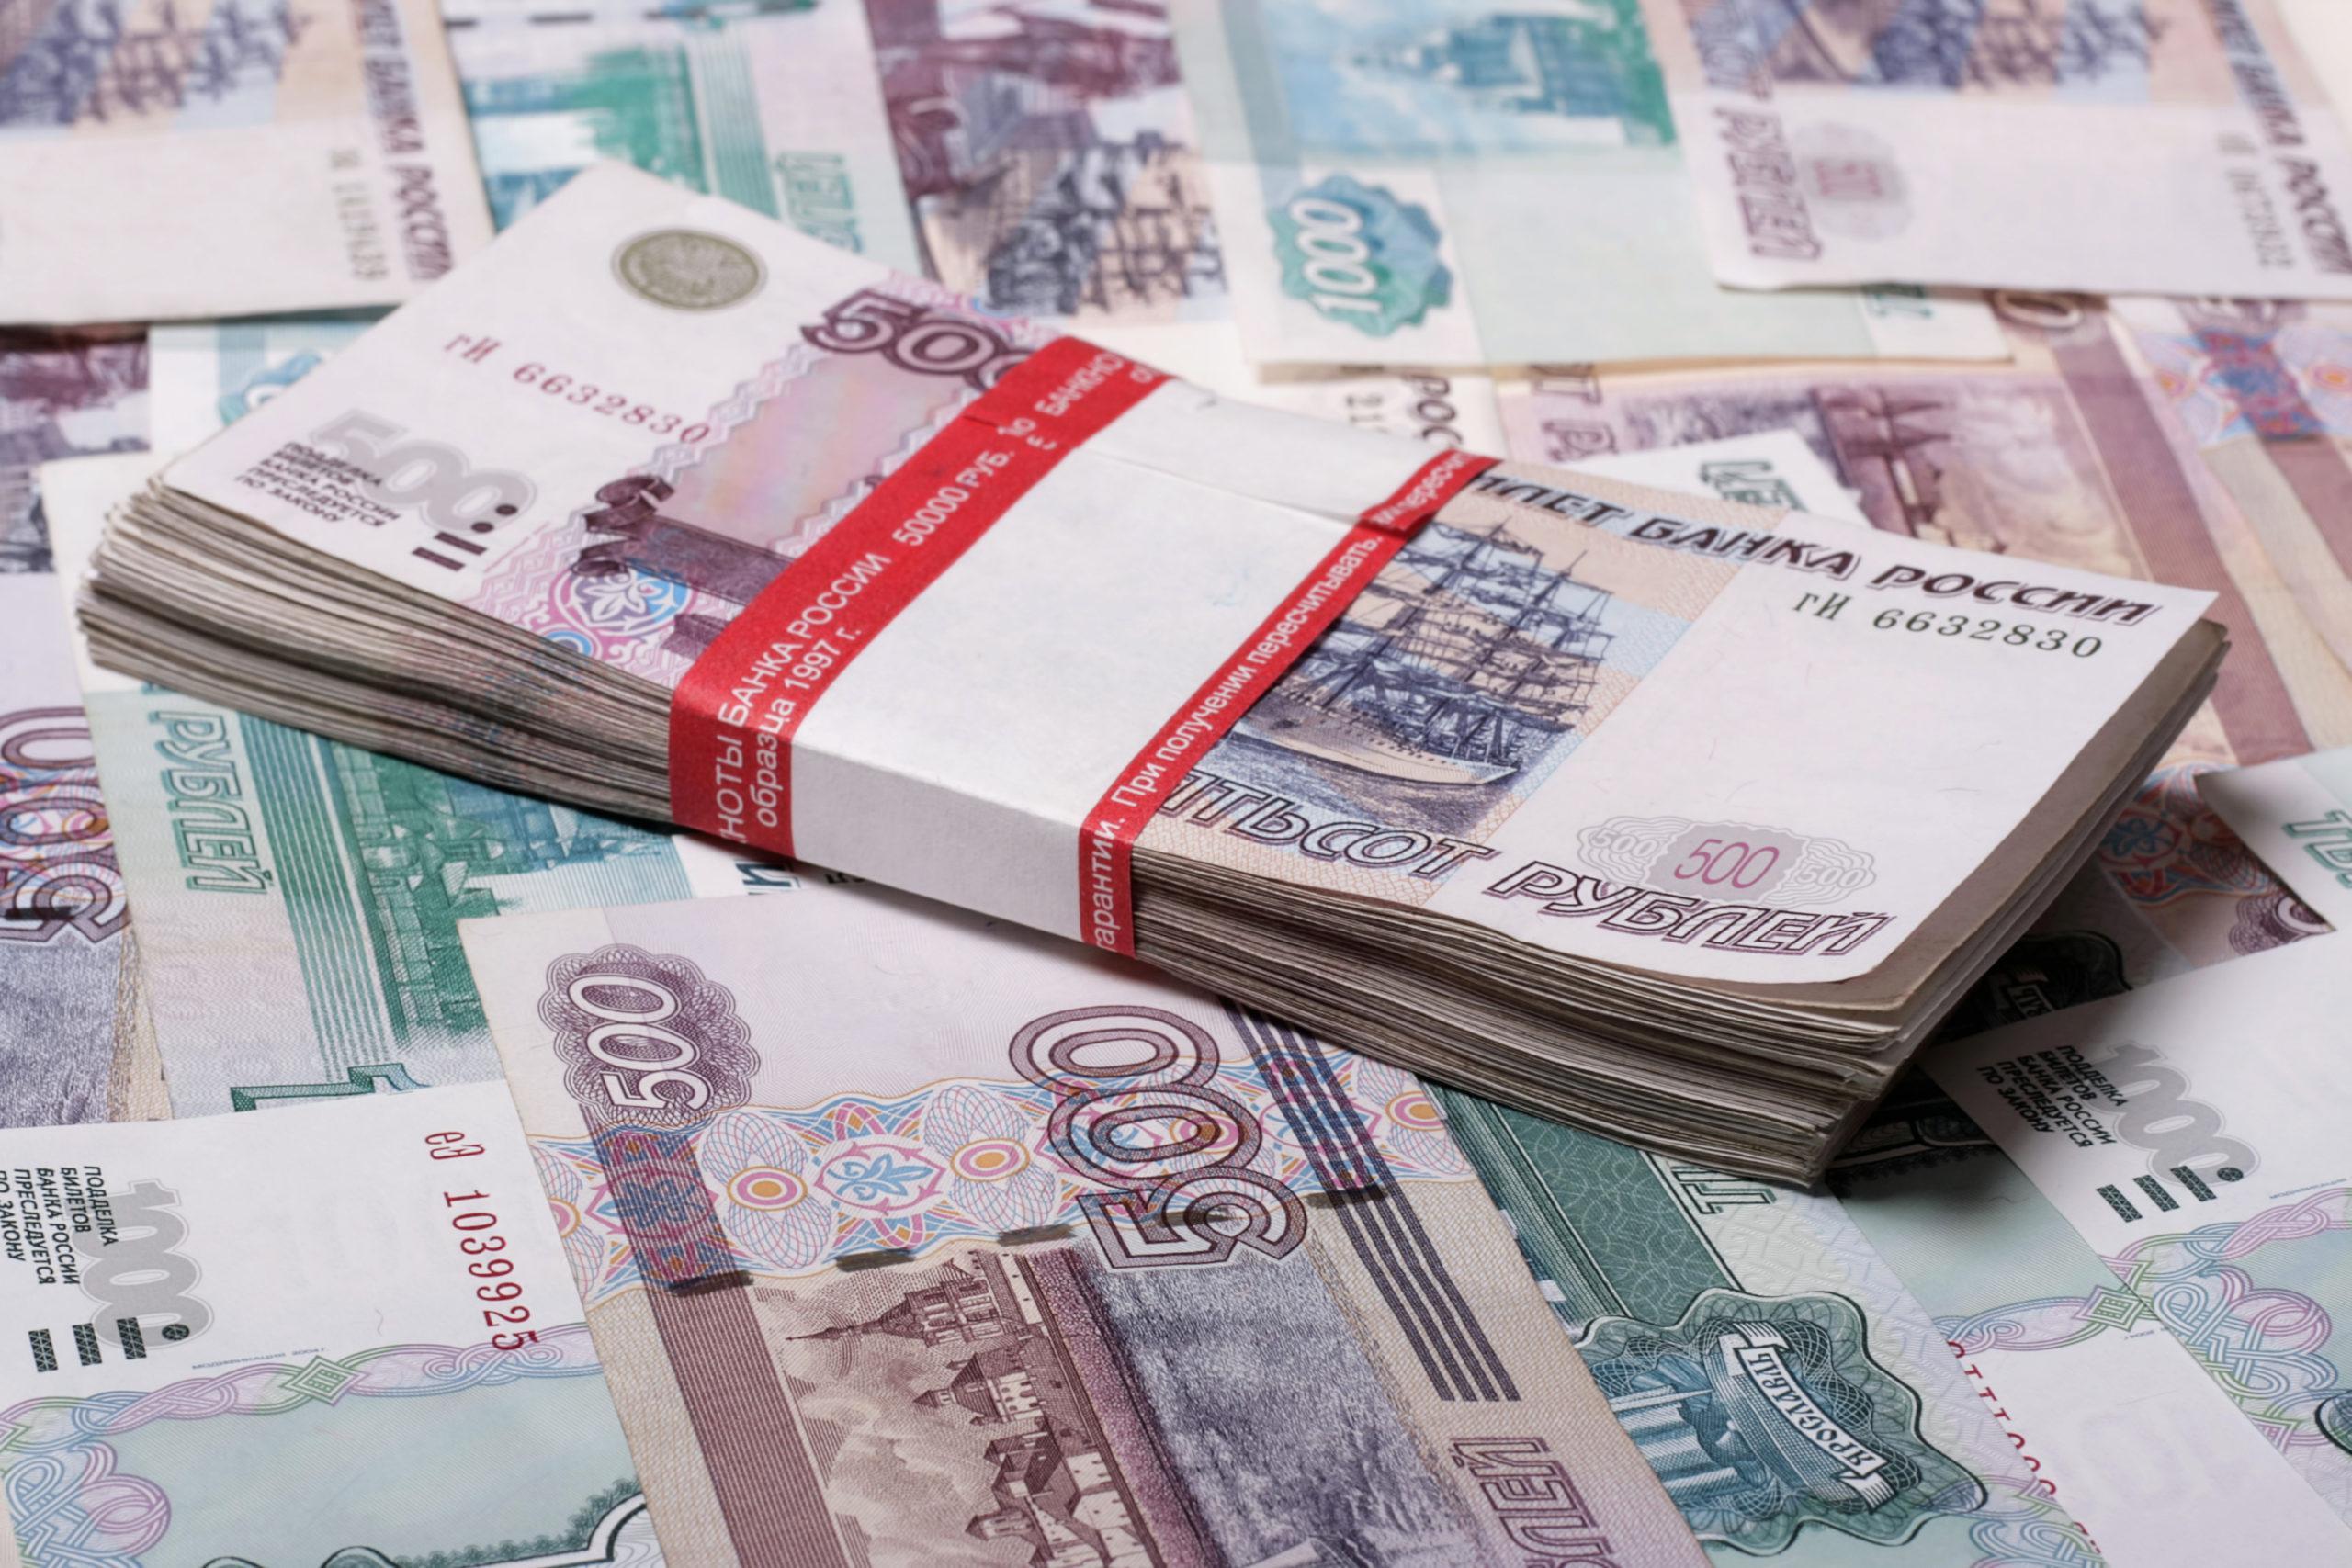 Обвиняемые в неуплате налогов смогут расплатиться прямо в ходе суда